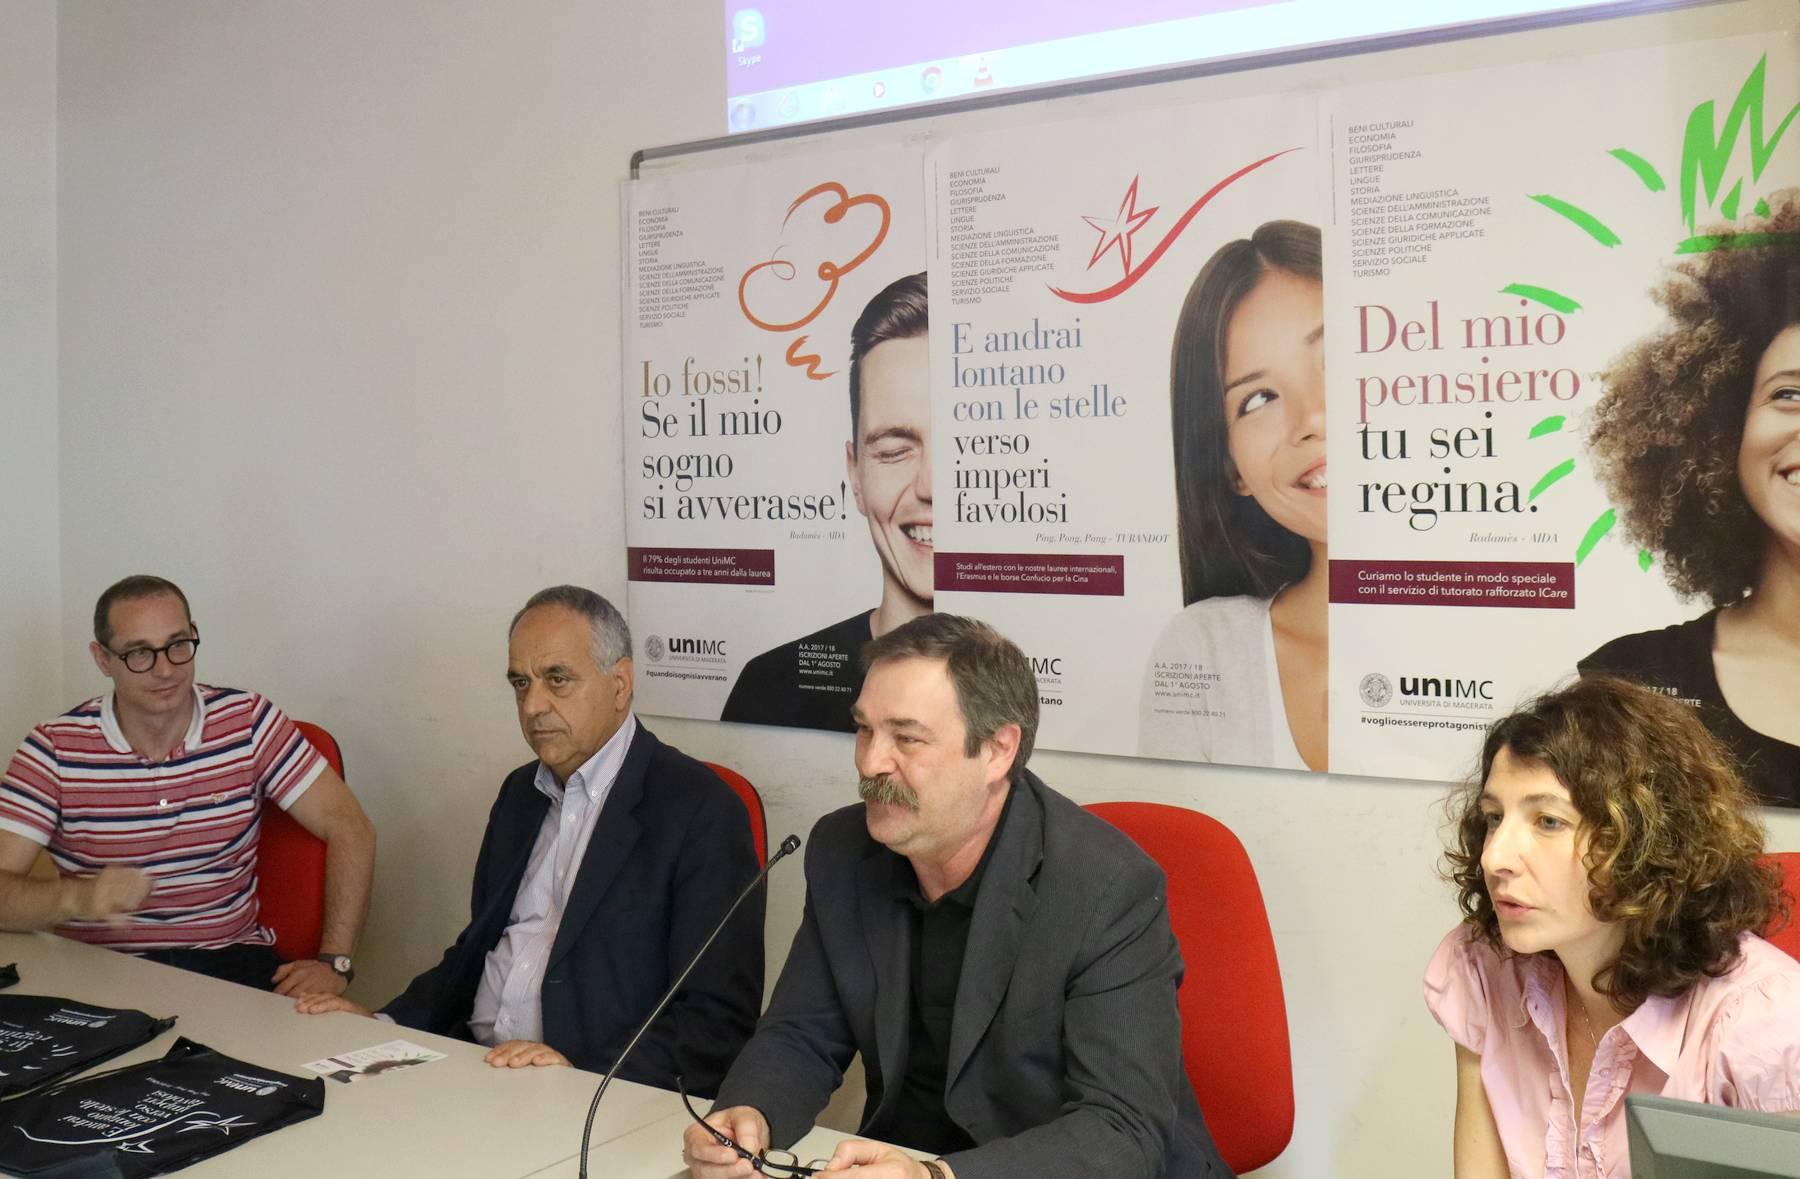 Unimc, campagna di comunicazione con Macerata Opera Festival